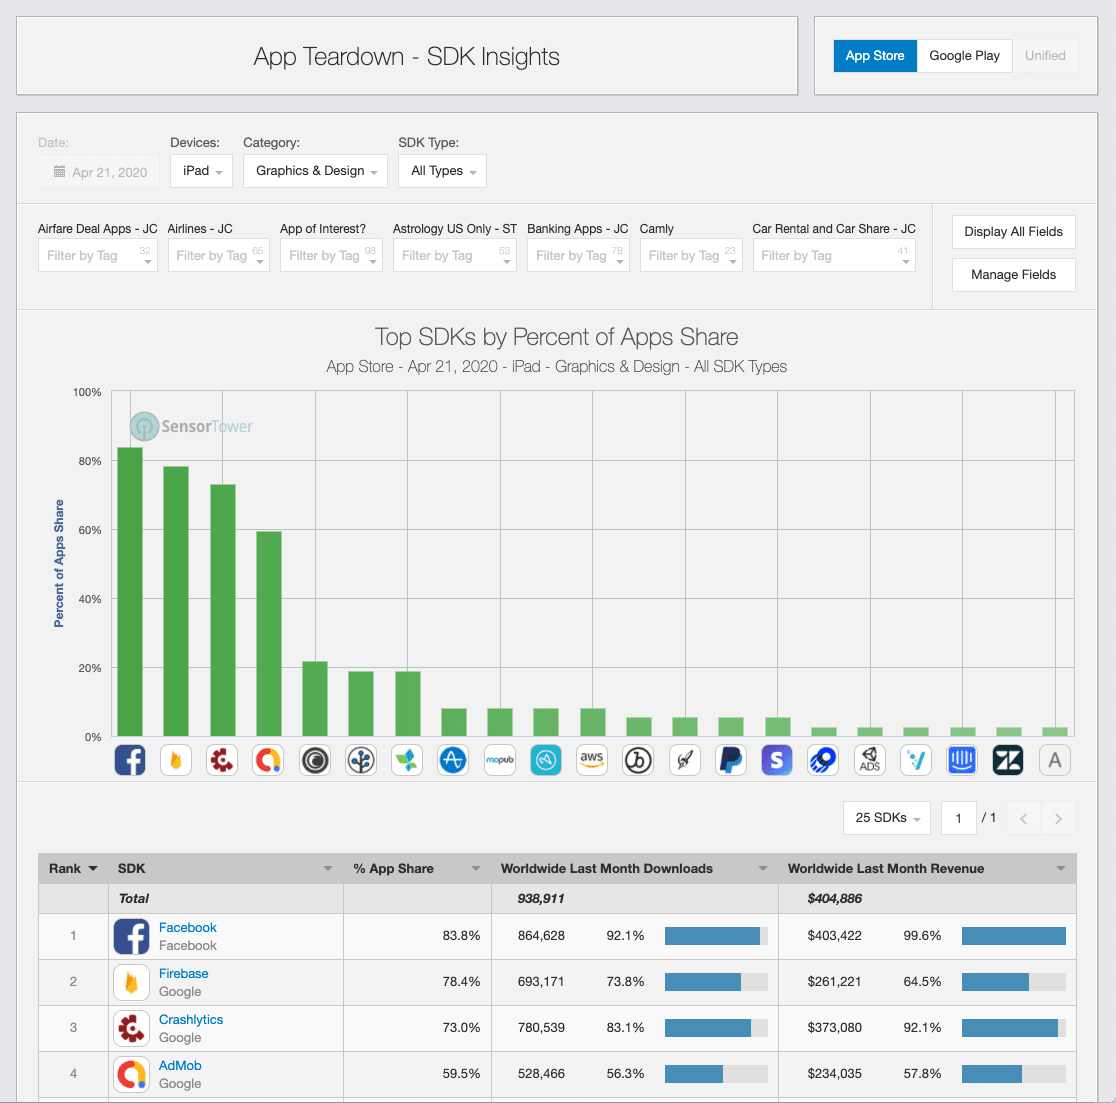 Sensor Tower - SDk Insights